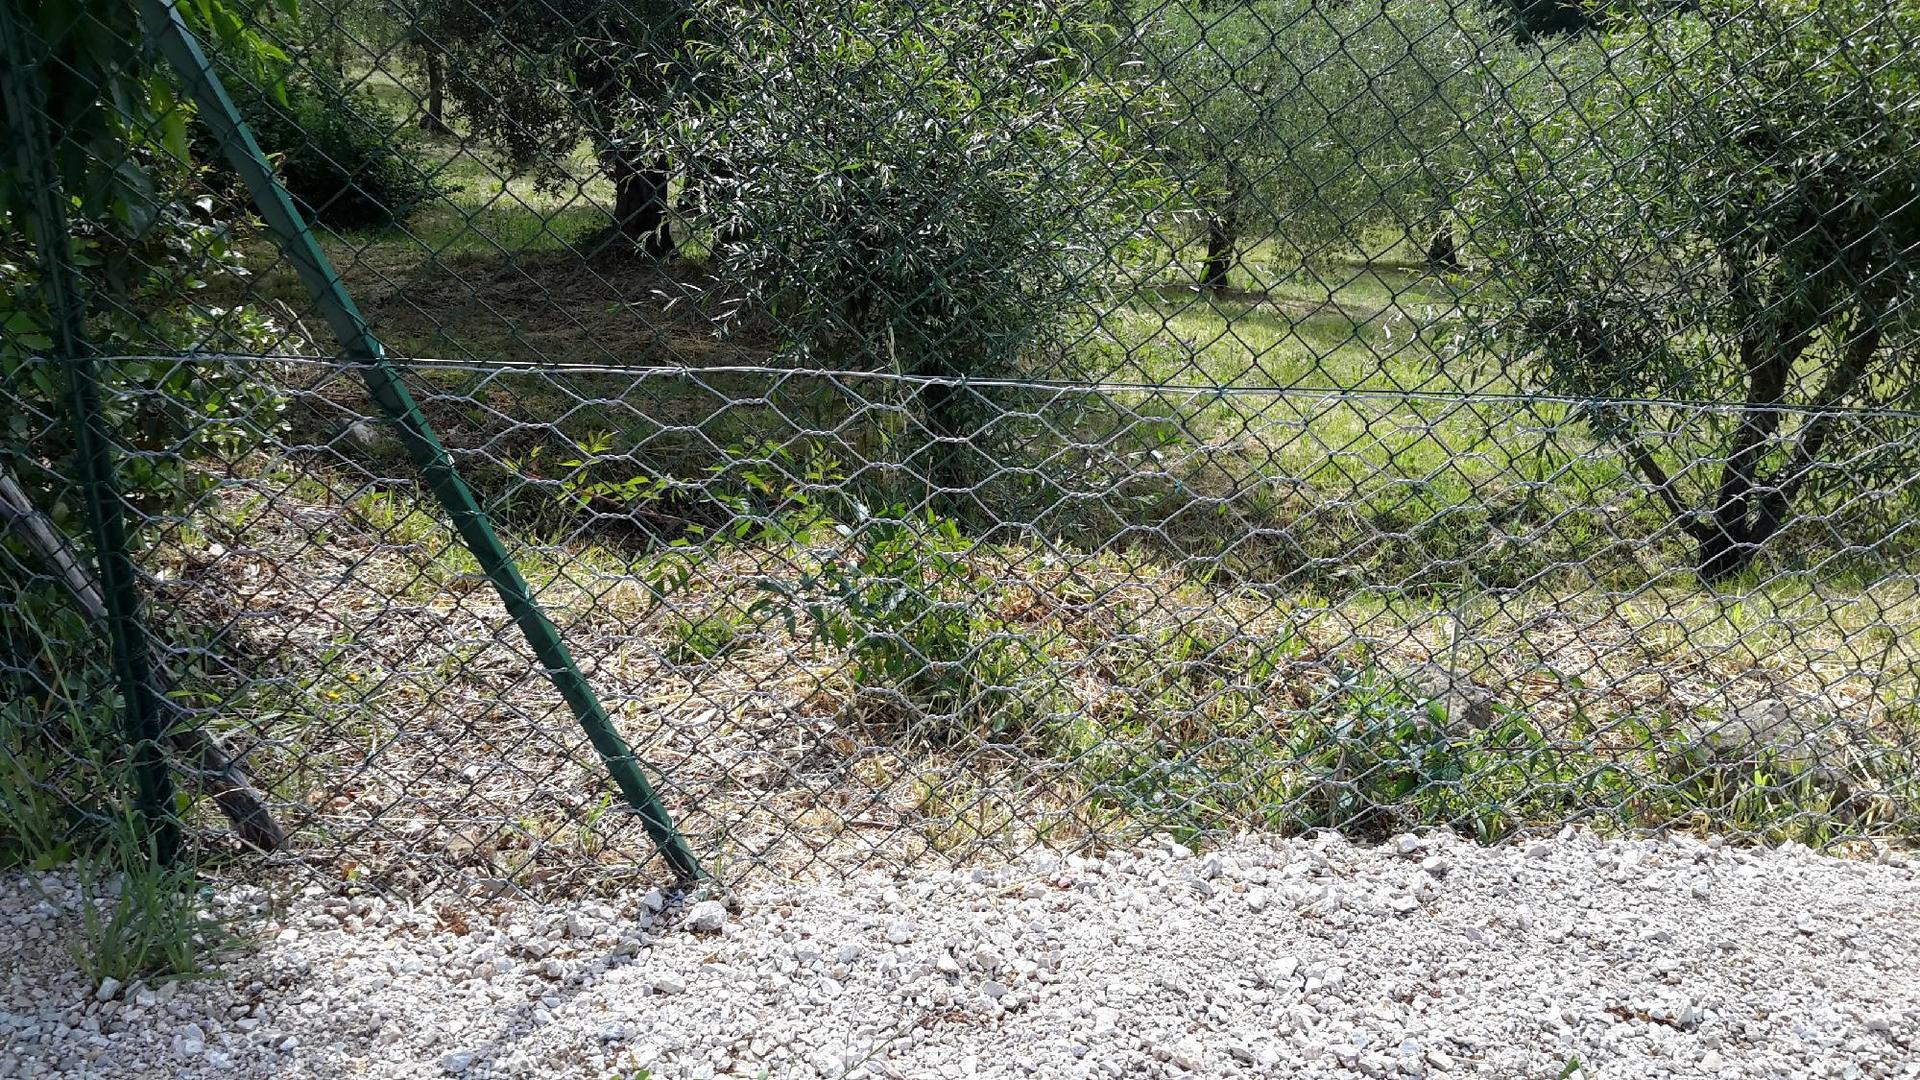 Recinzioni e reti per difendere l 39 orto e le piante dagli for Recinto giardino fai da te